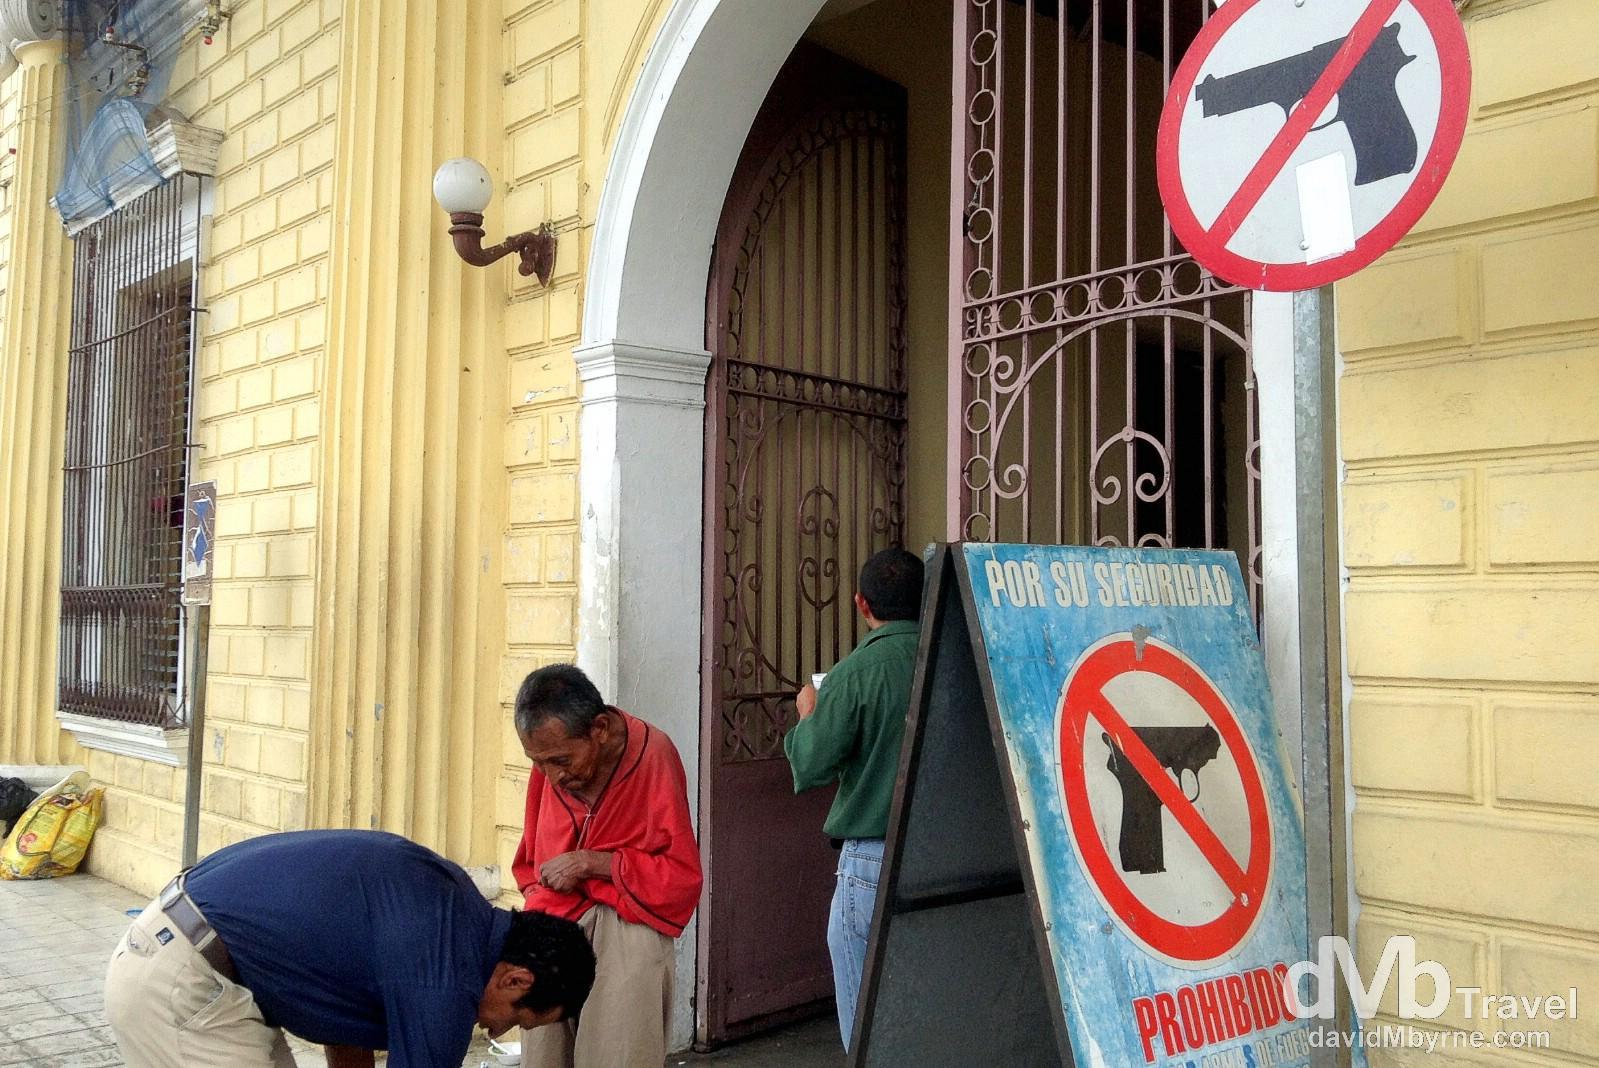 No guns allowed. Outside Santa Ana City Hall, Santa Ana, western El Salvador. May 27th 2013.